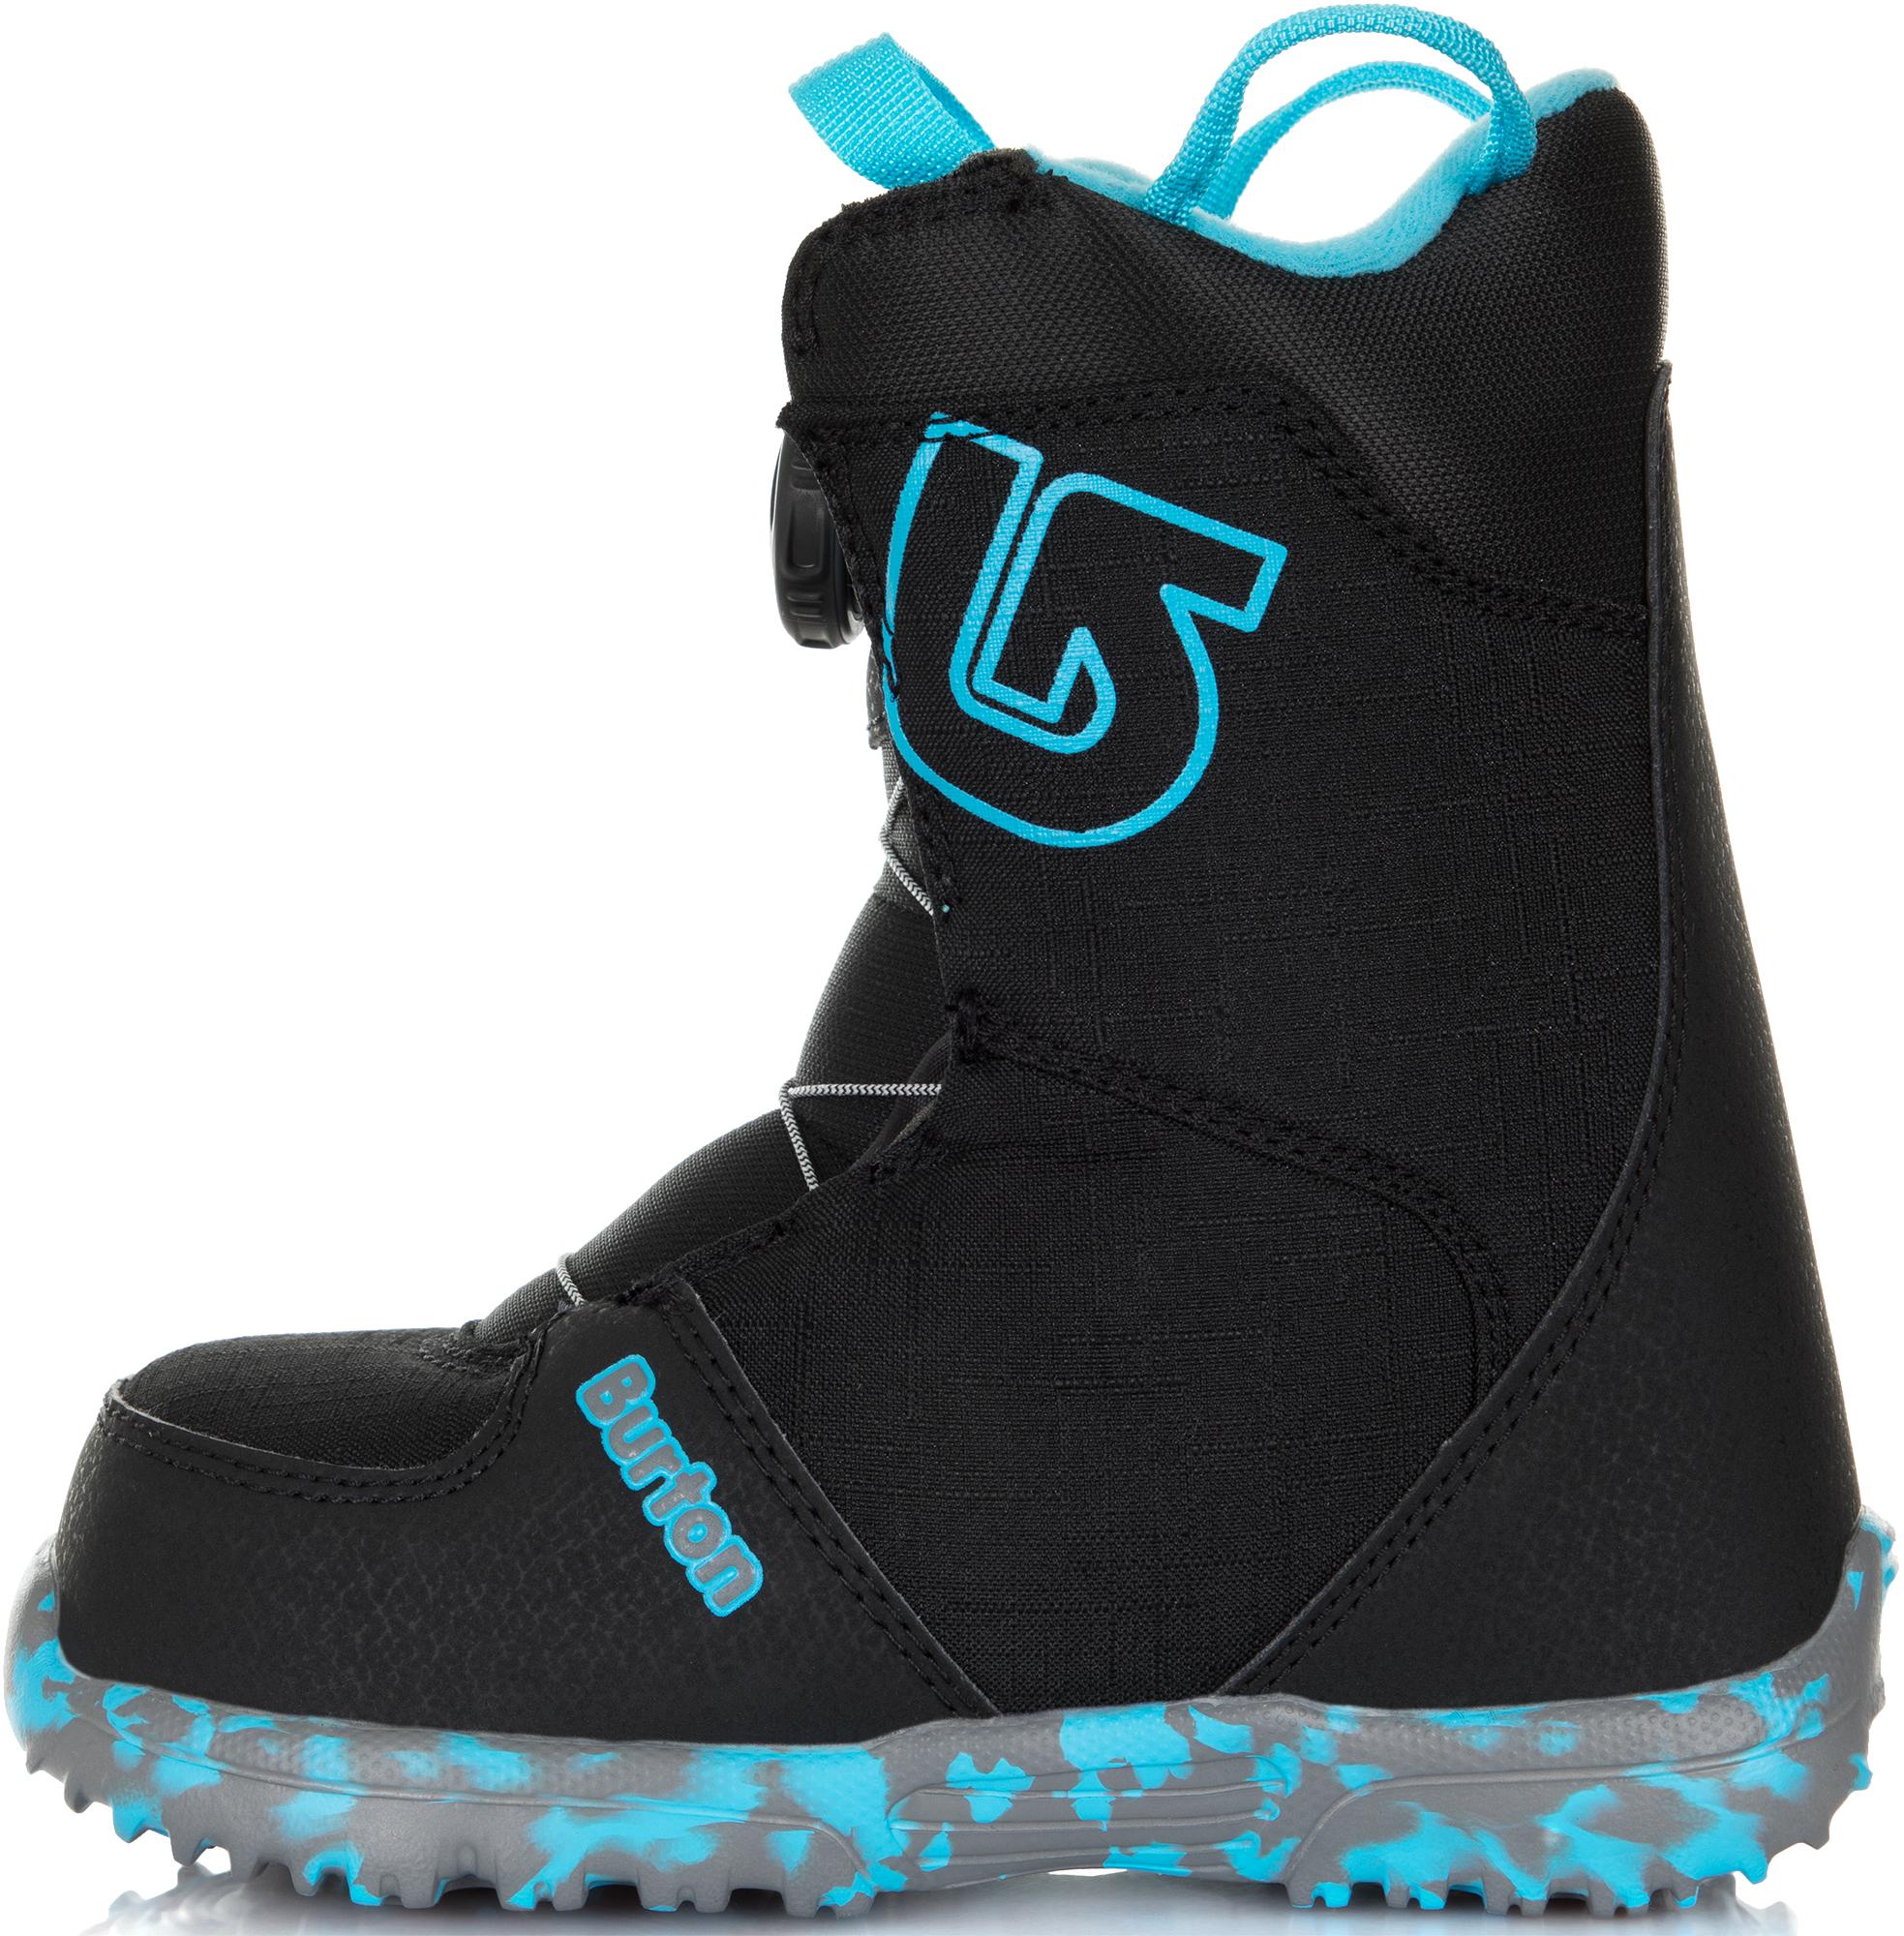 Burton Сноубордические ботинки детские Burton Grom Boa, размер 30,5 burton сноуборд burton ripcord 157 win14 157